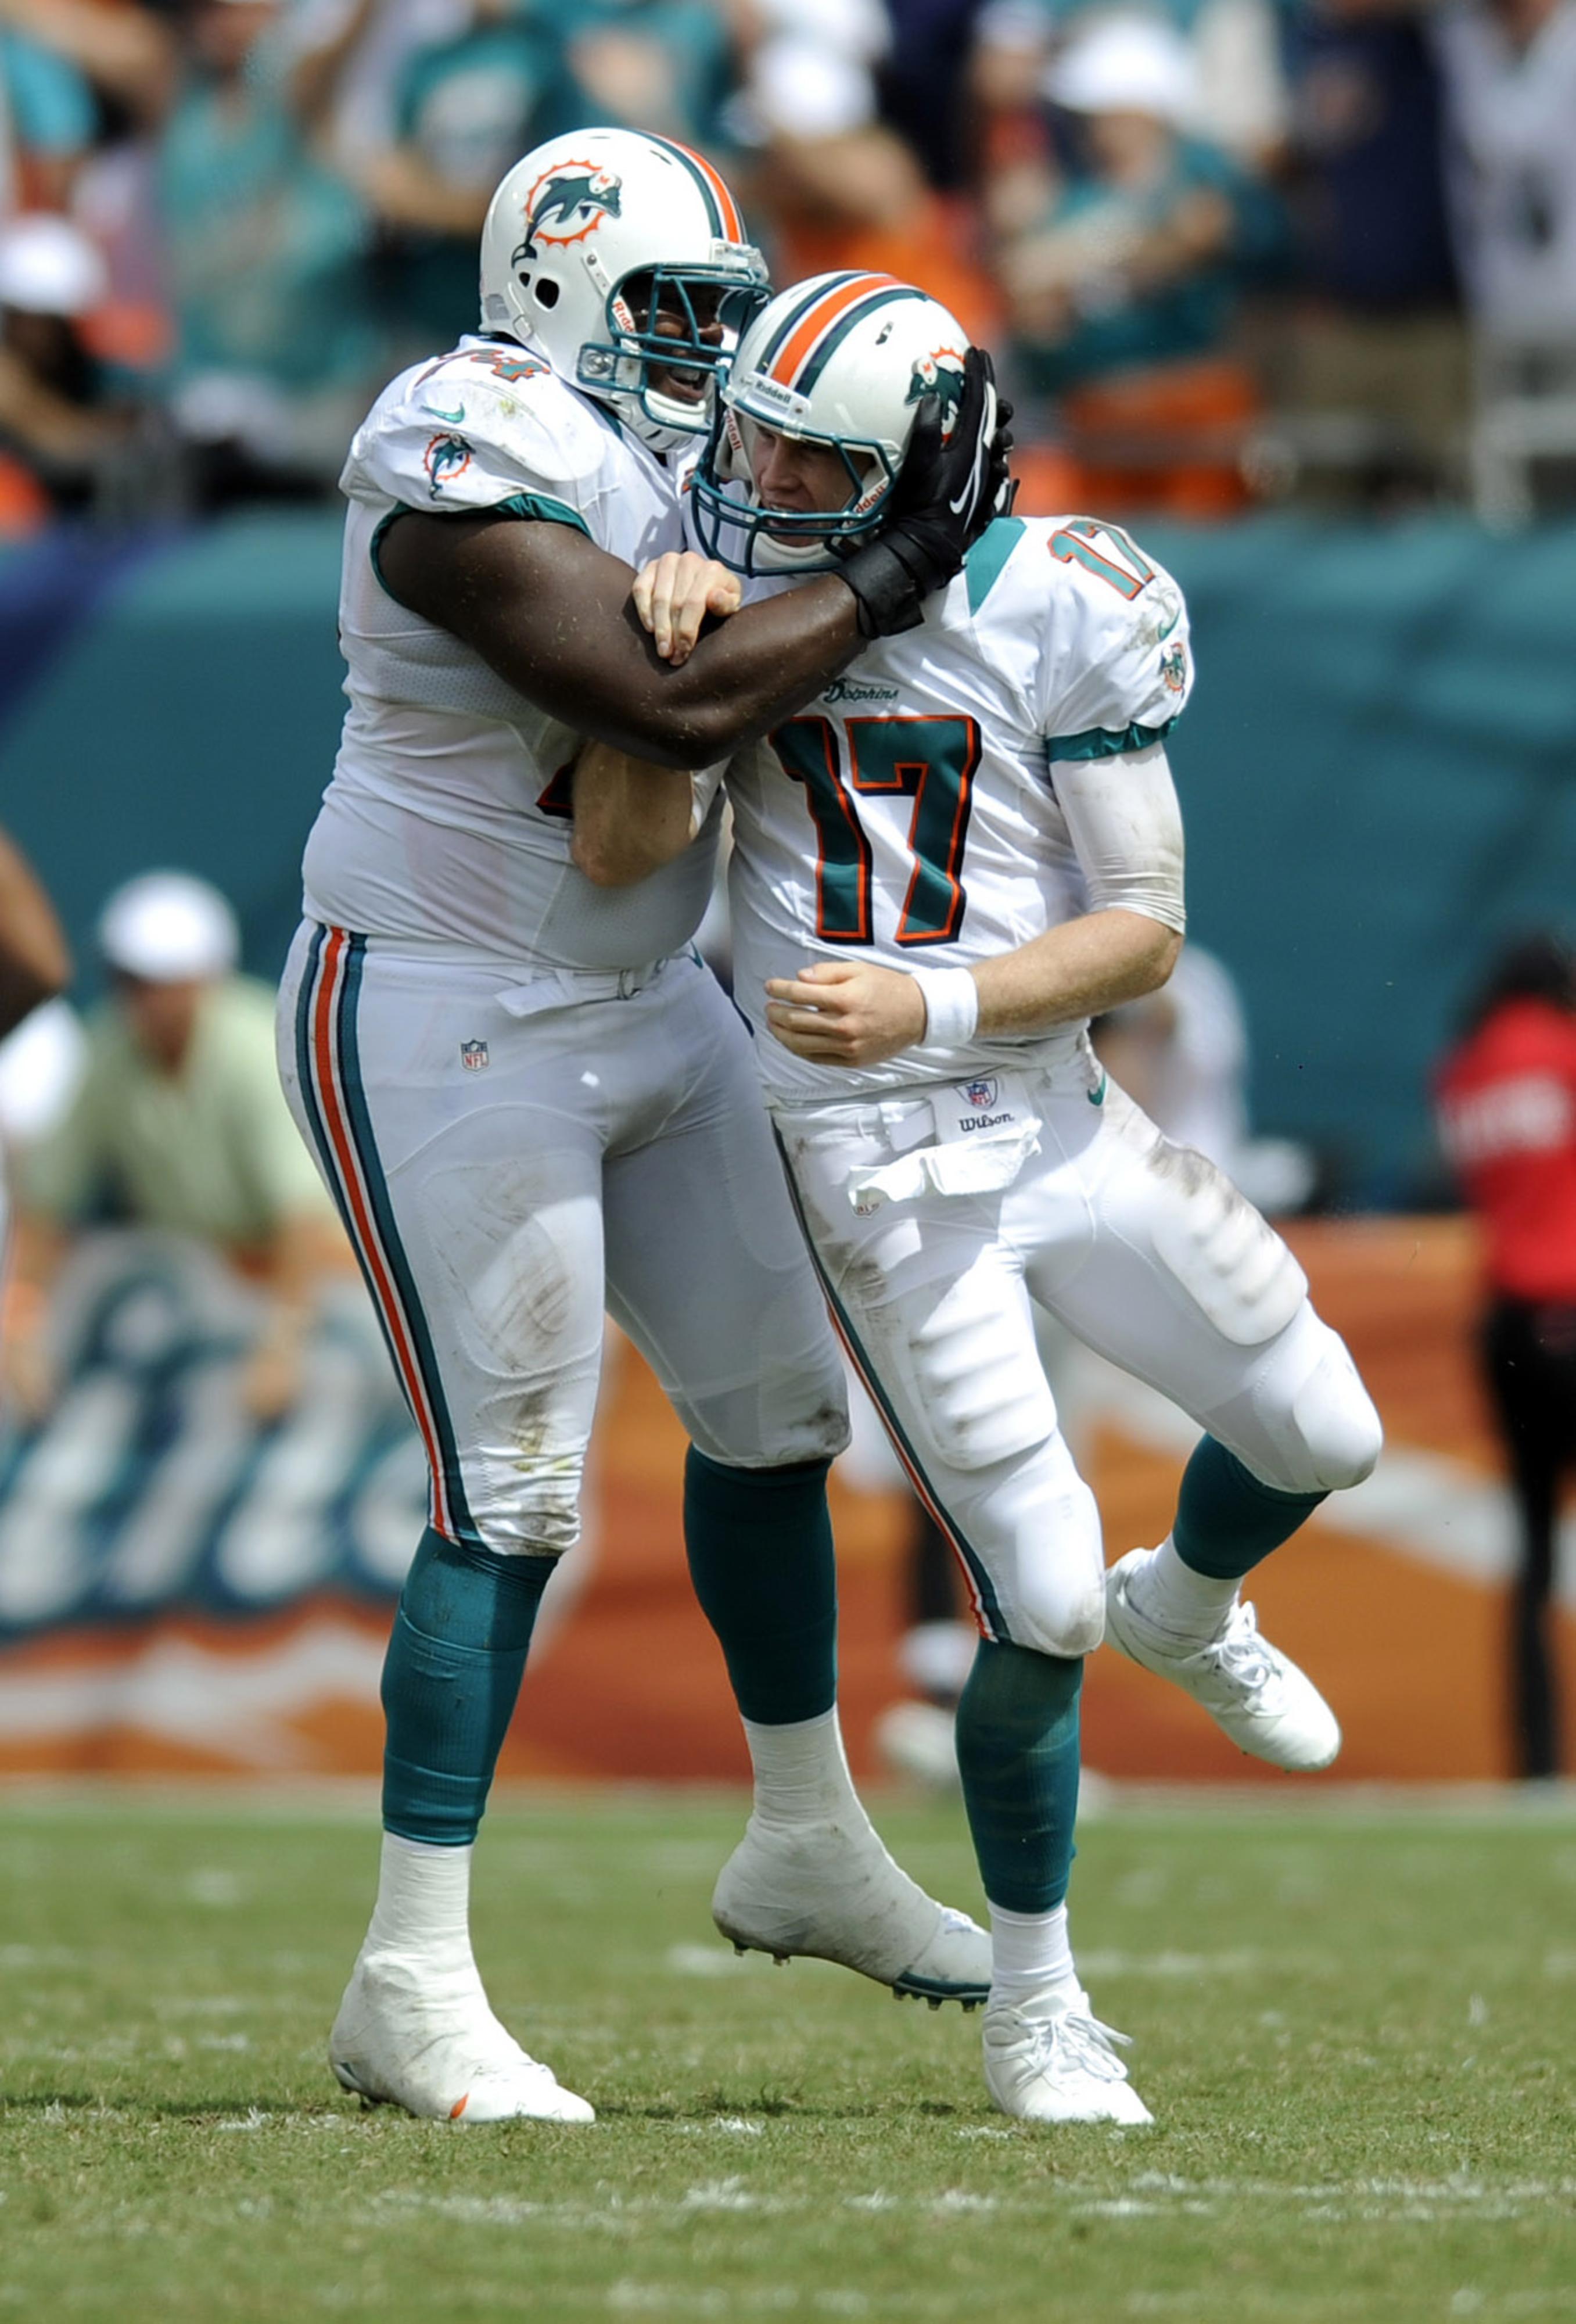 John Jerry celebrates with Miami quarterback Ryan Tannehill